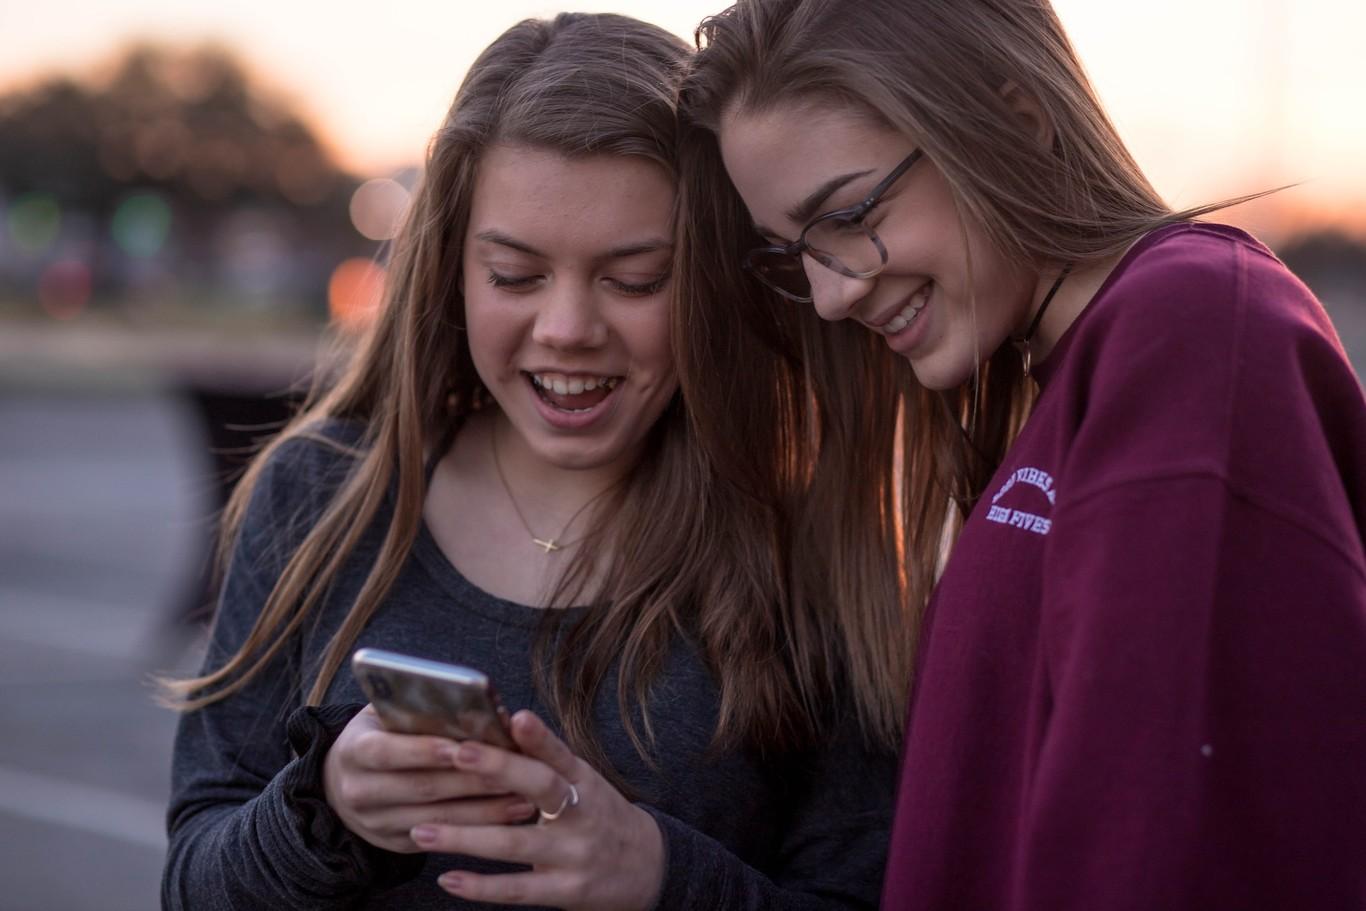 Niñas Malas Porn sexting adolescente: del tabú a la frivolización